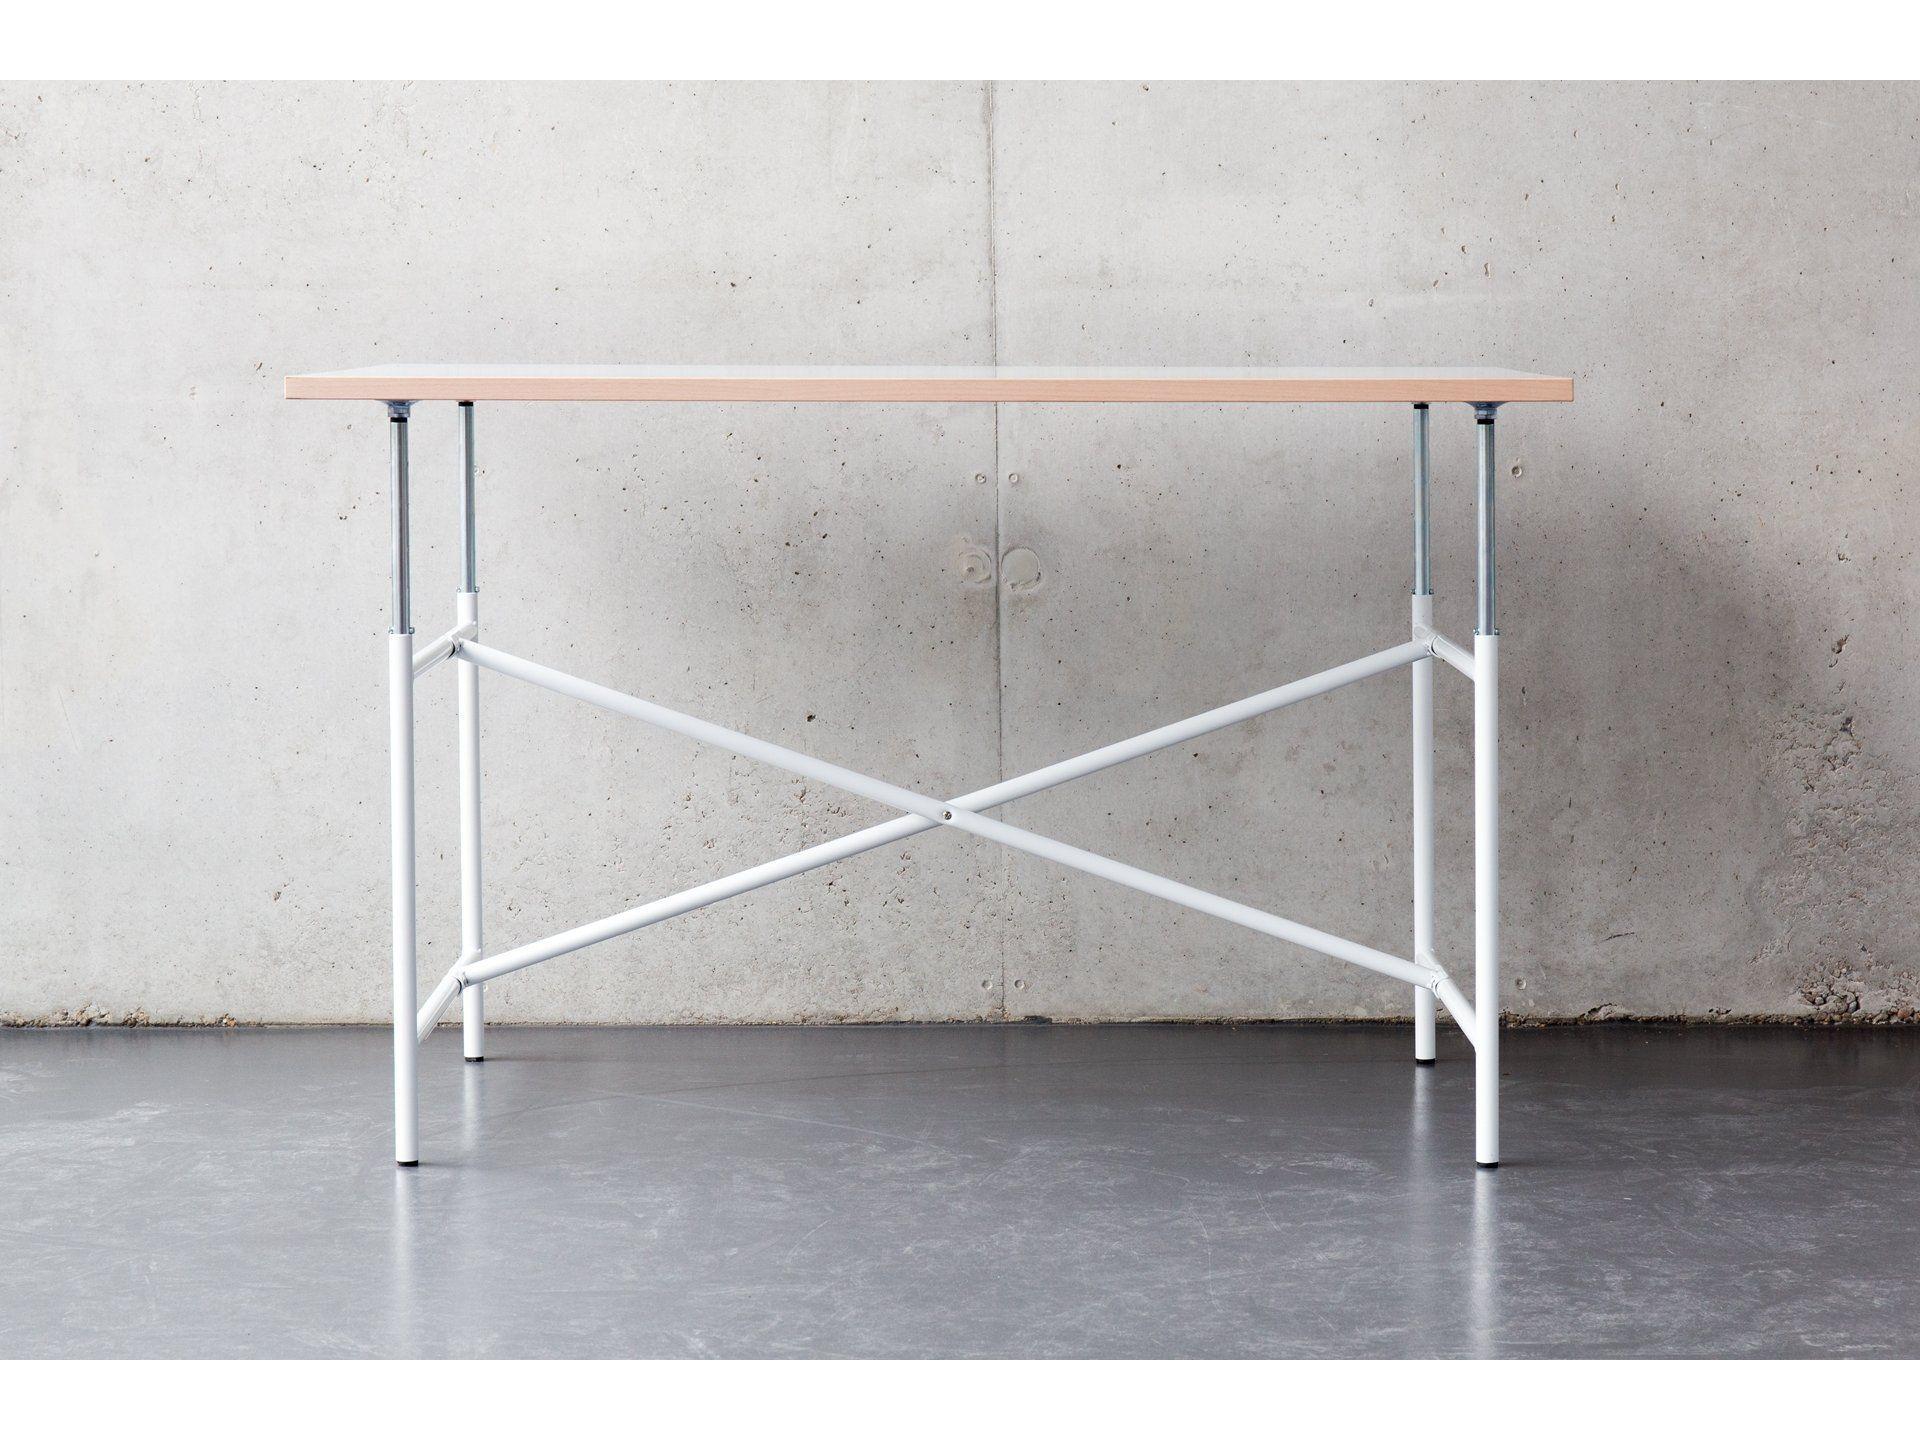 5a470d b8c232aa20f7dc9d1fa1 Top Ergebnis 50 Schön Kleiner Runder Tisch Mit Stühlen Bild 2017 Ksh4